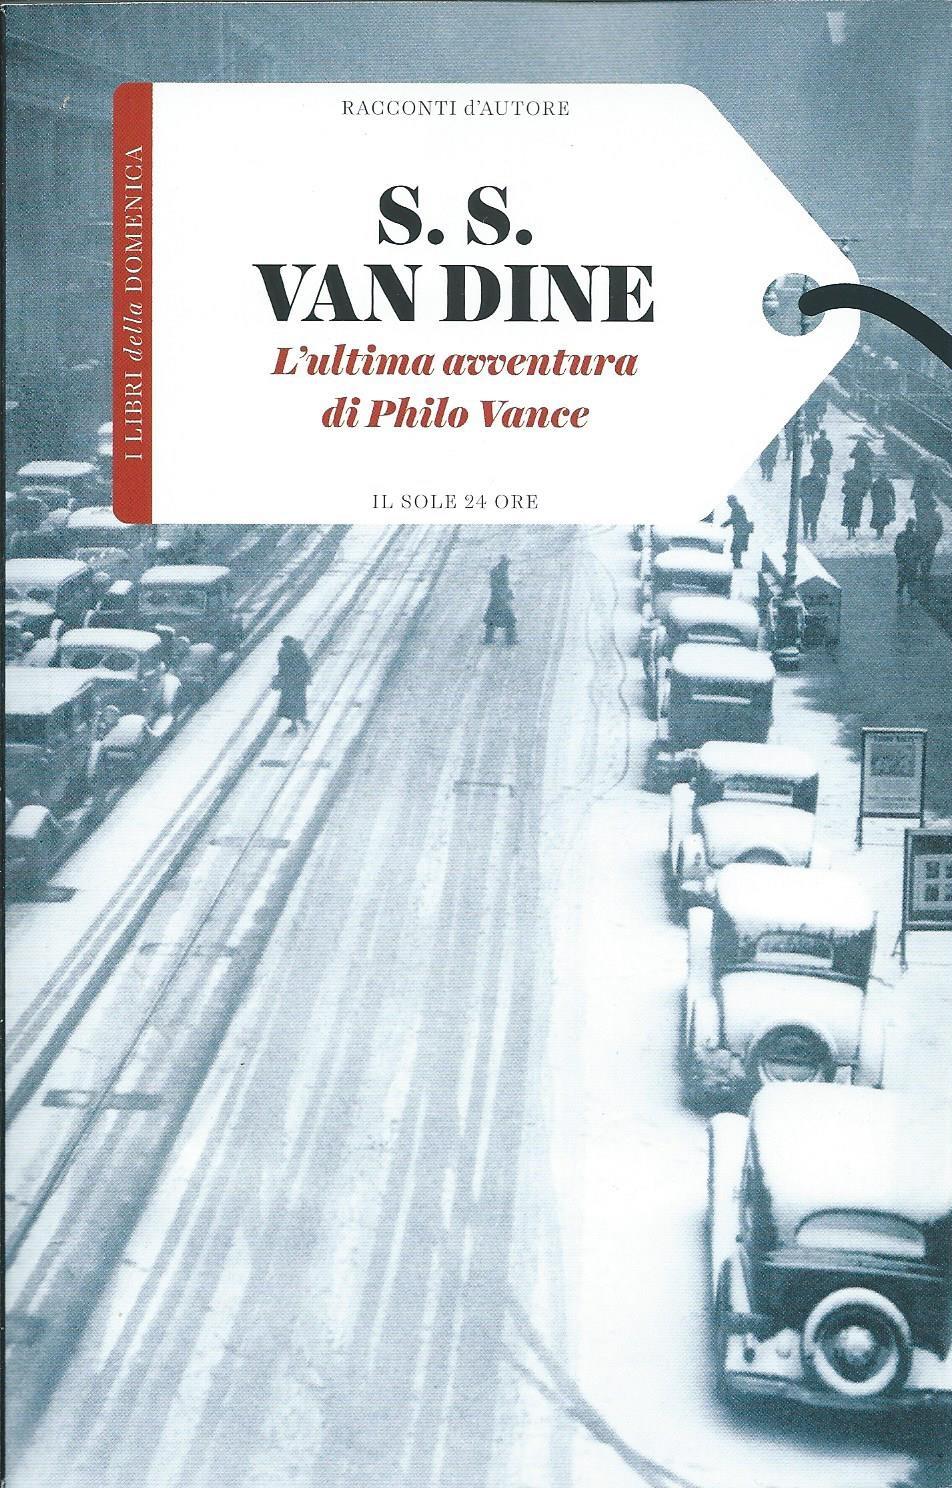 L'ultima avventura di Philo Vance